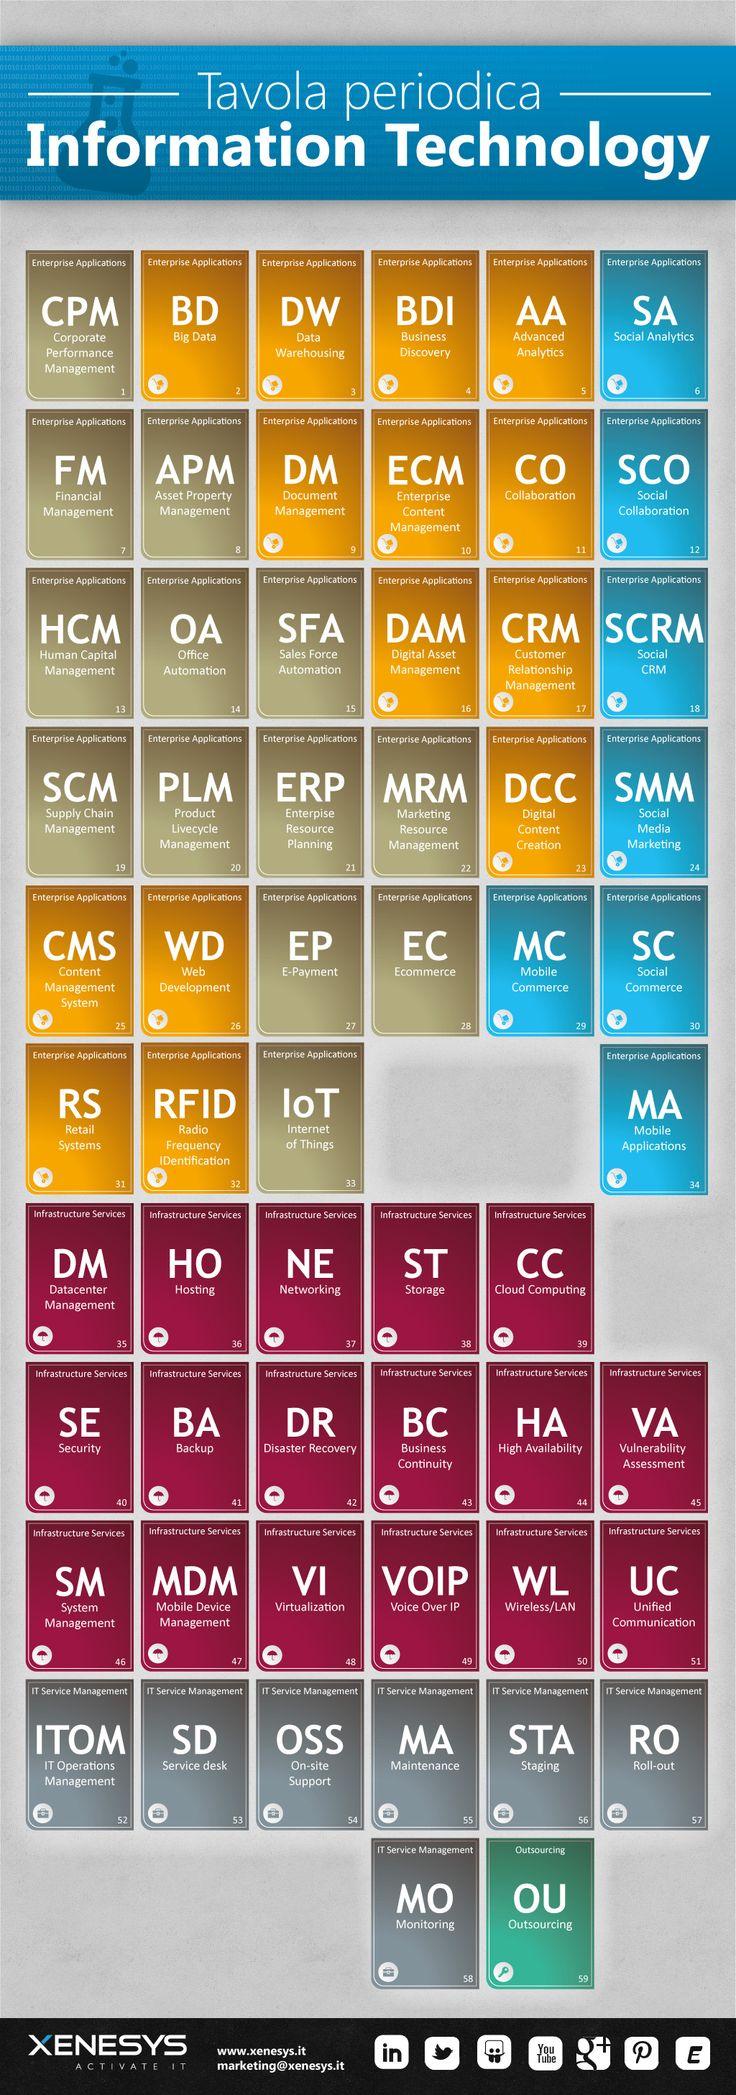 La #tavola #periodica dell'IT: dalle applicazioni ai servizi su infrastruttura e attività operative. Con i simboli è indicata l'offerta Xenesys.